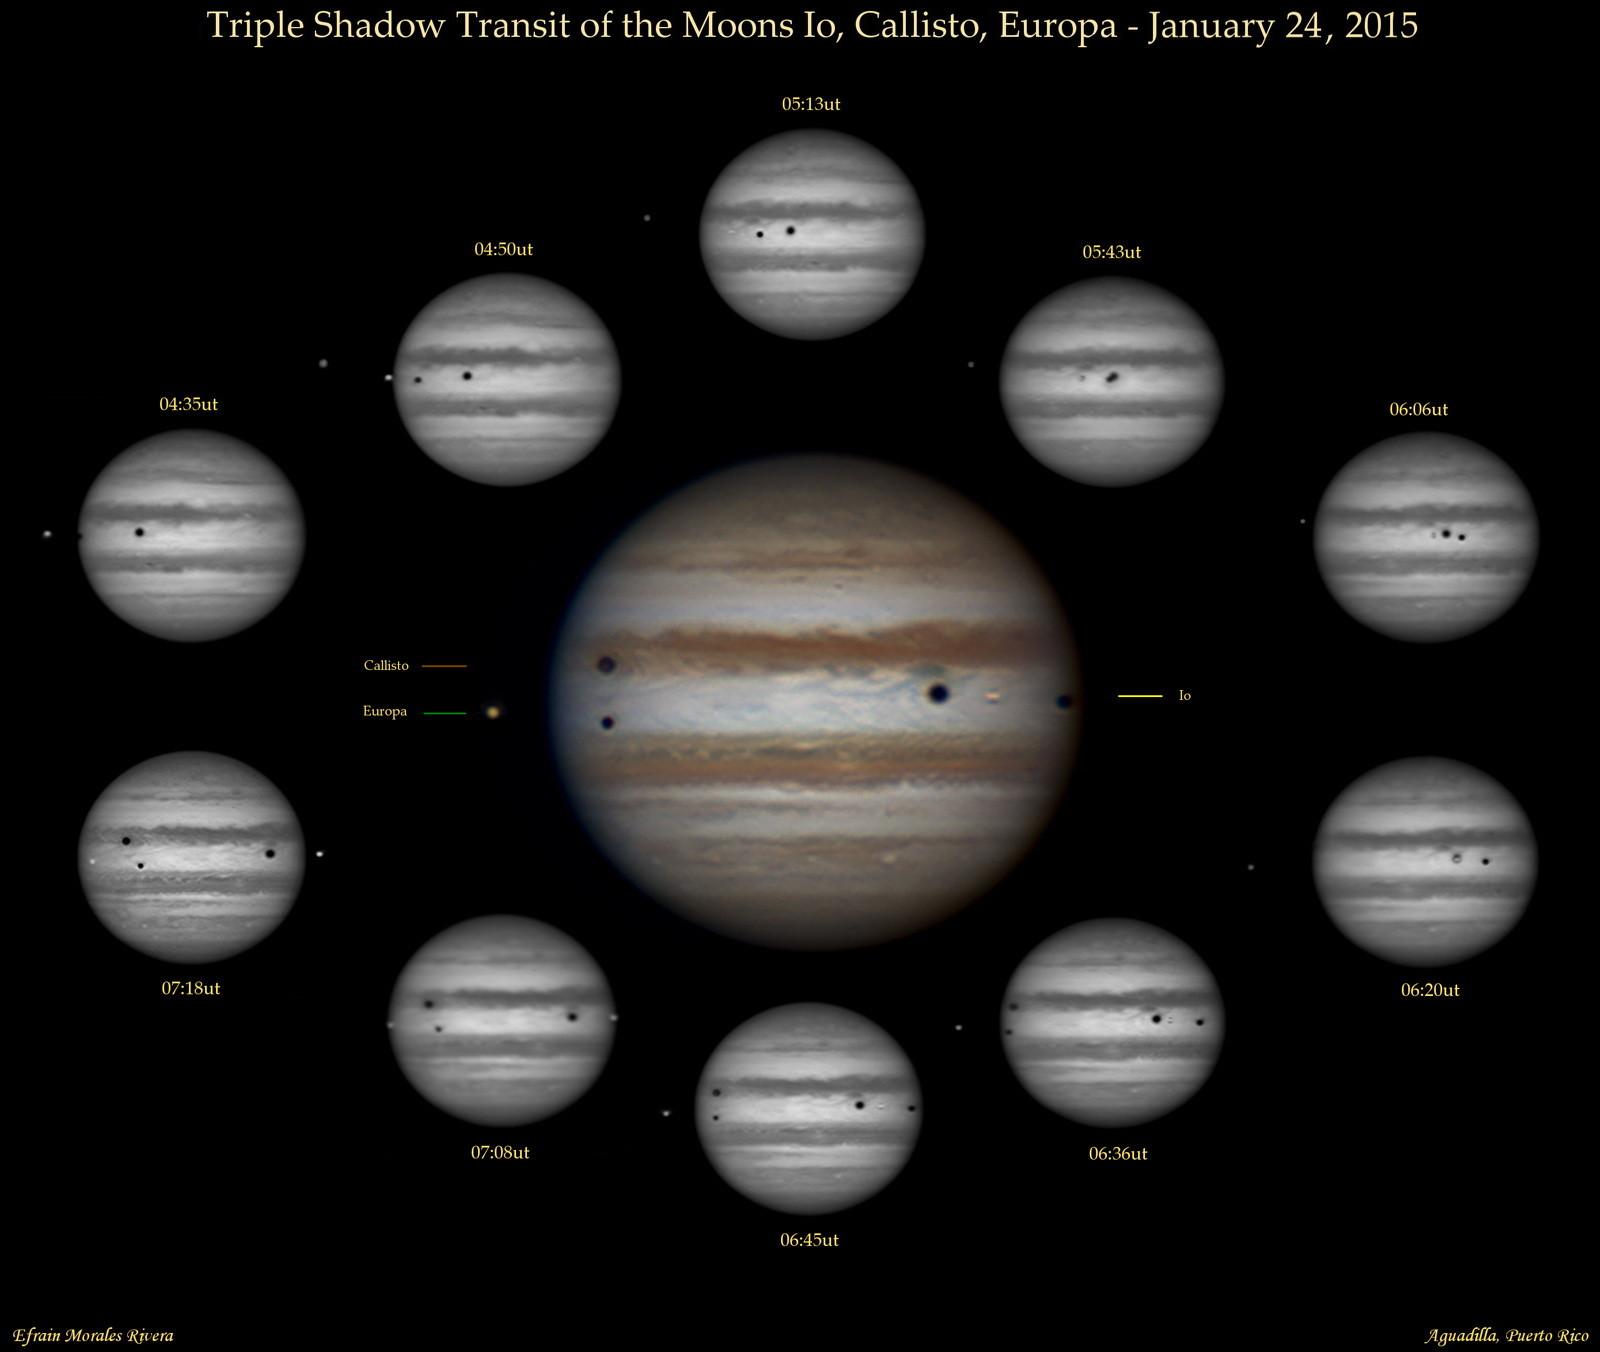 Triple Shadow Transit of Jupiter, Jan. 24, 2015